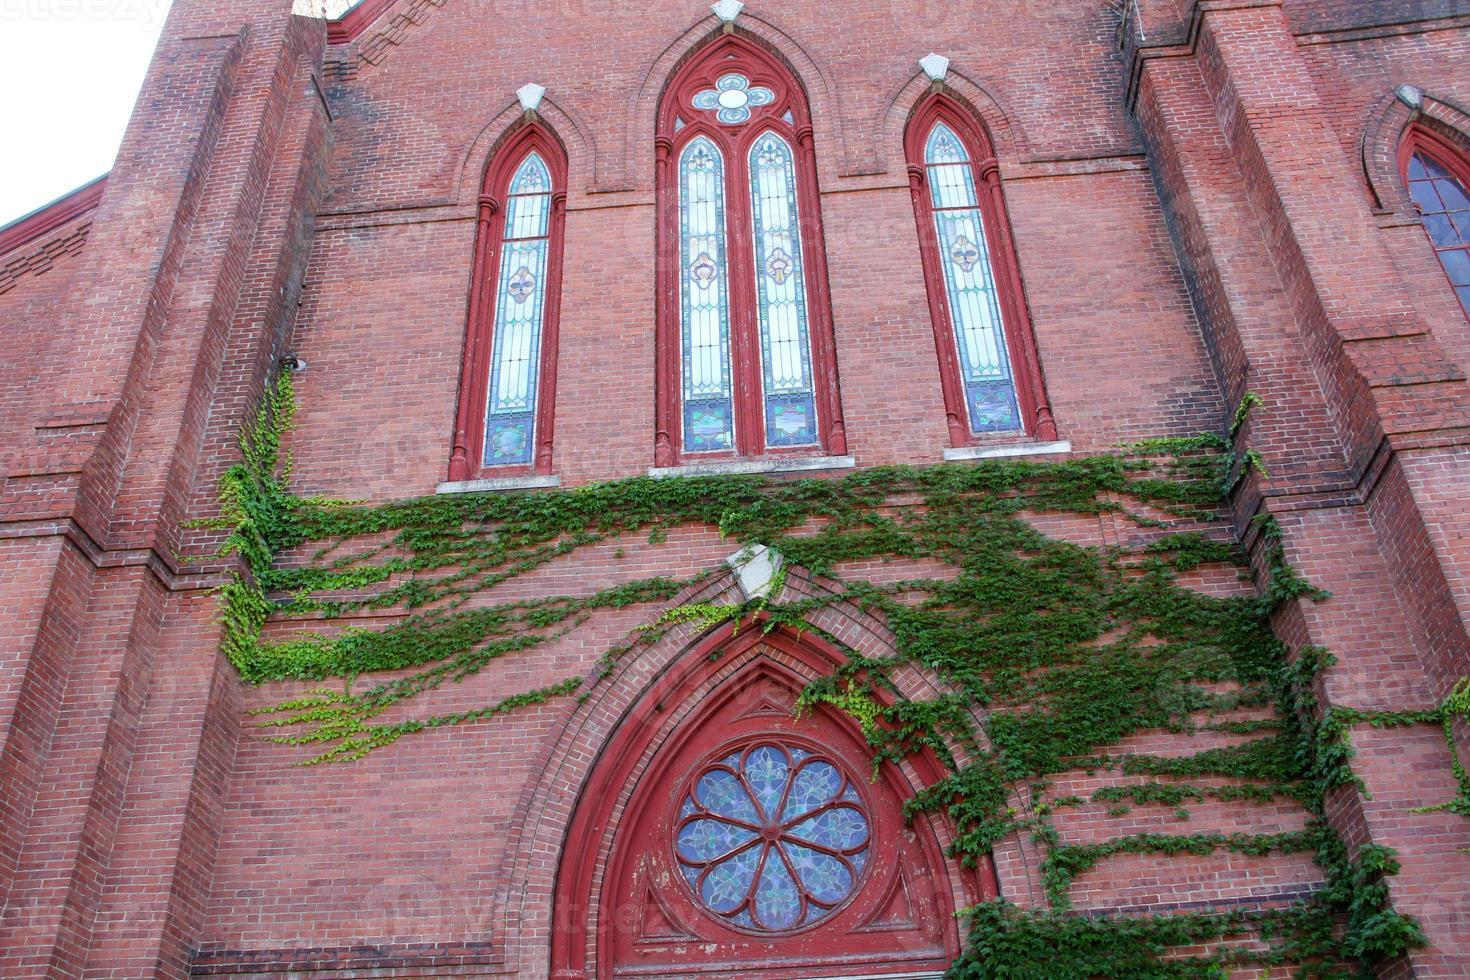 verzierte Fenster der methodistischen Kirche, Innenstadt Keene, New Hampshire. foto